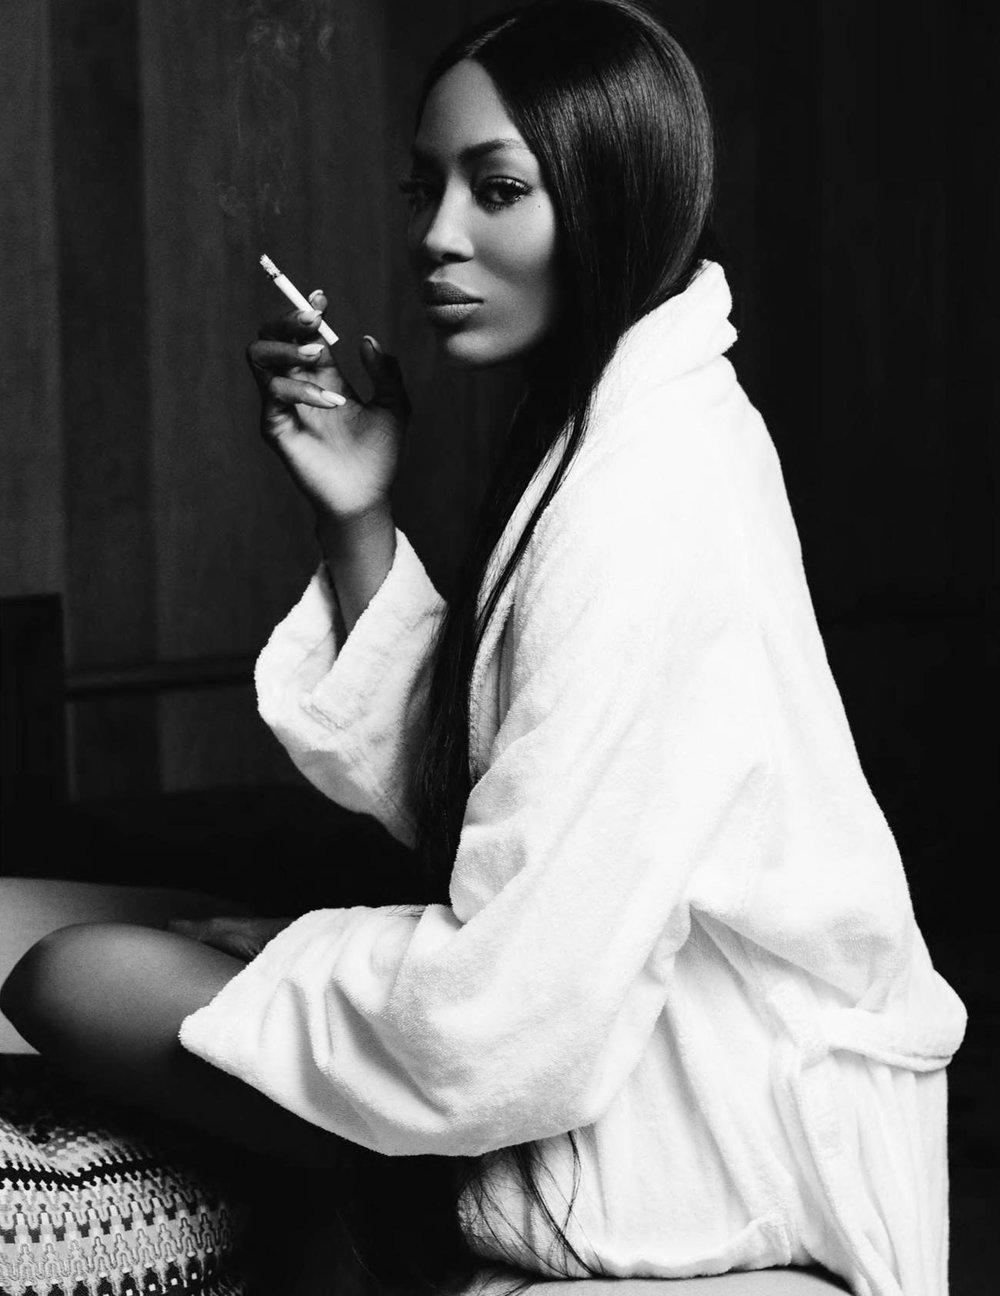 Naomi-s7UWaQjA_o.jpg